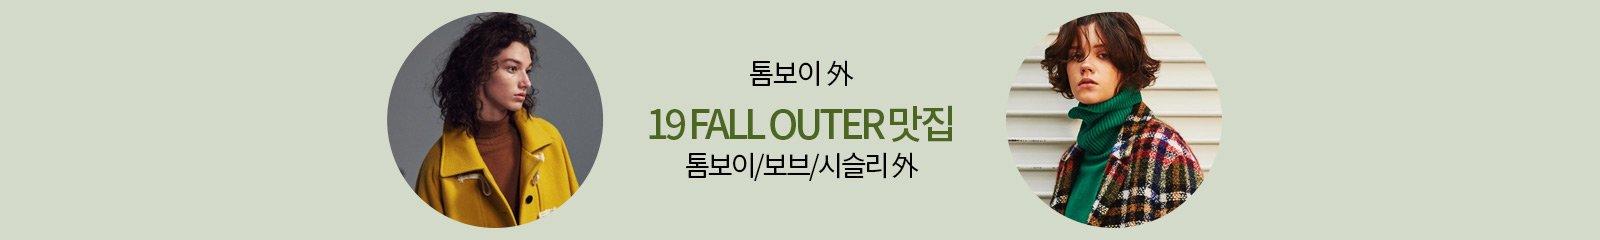 [영패션] 19F/W OUTER 대전